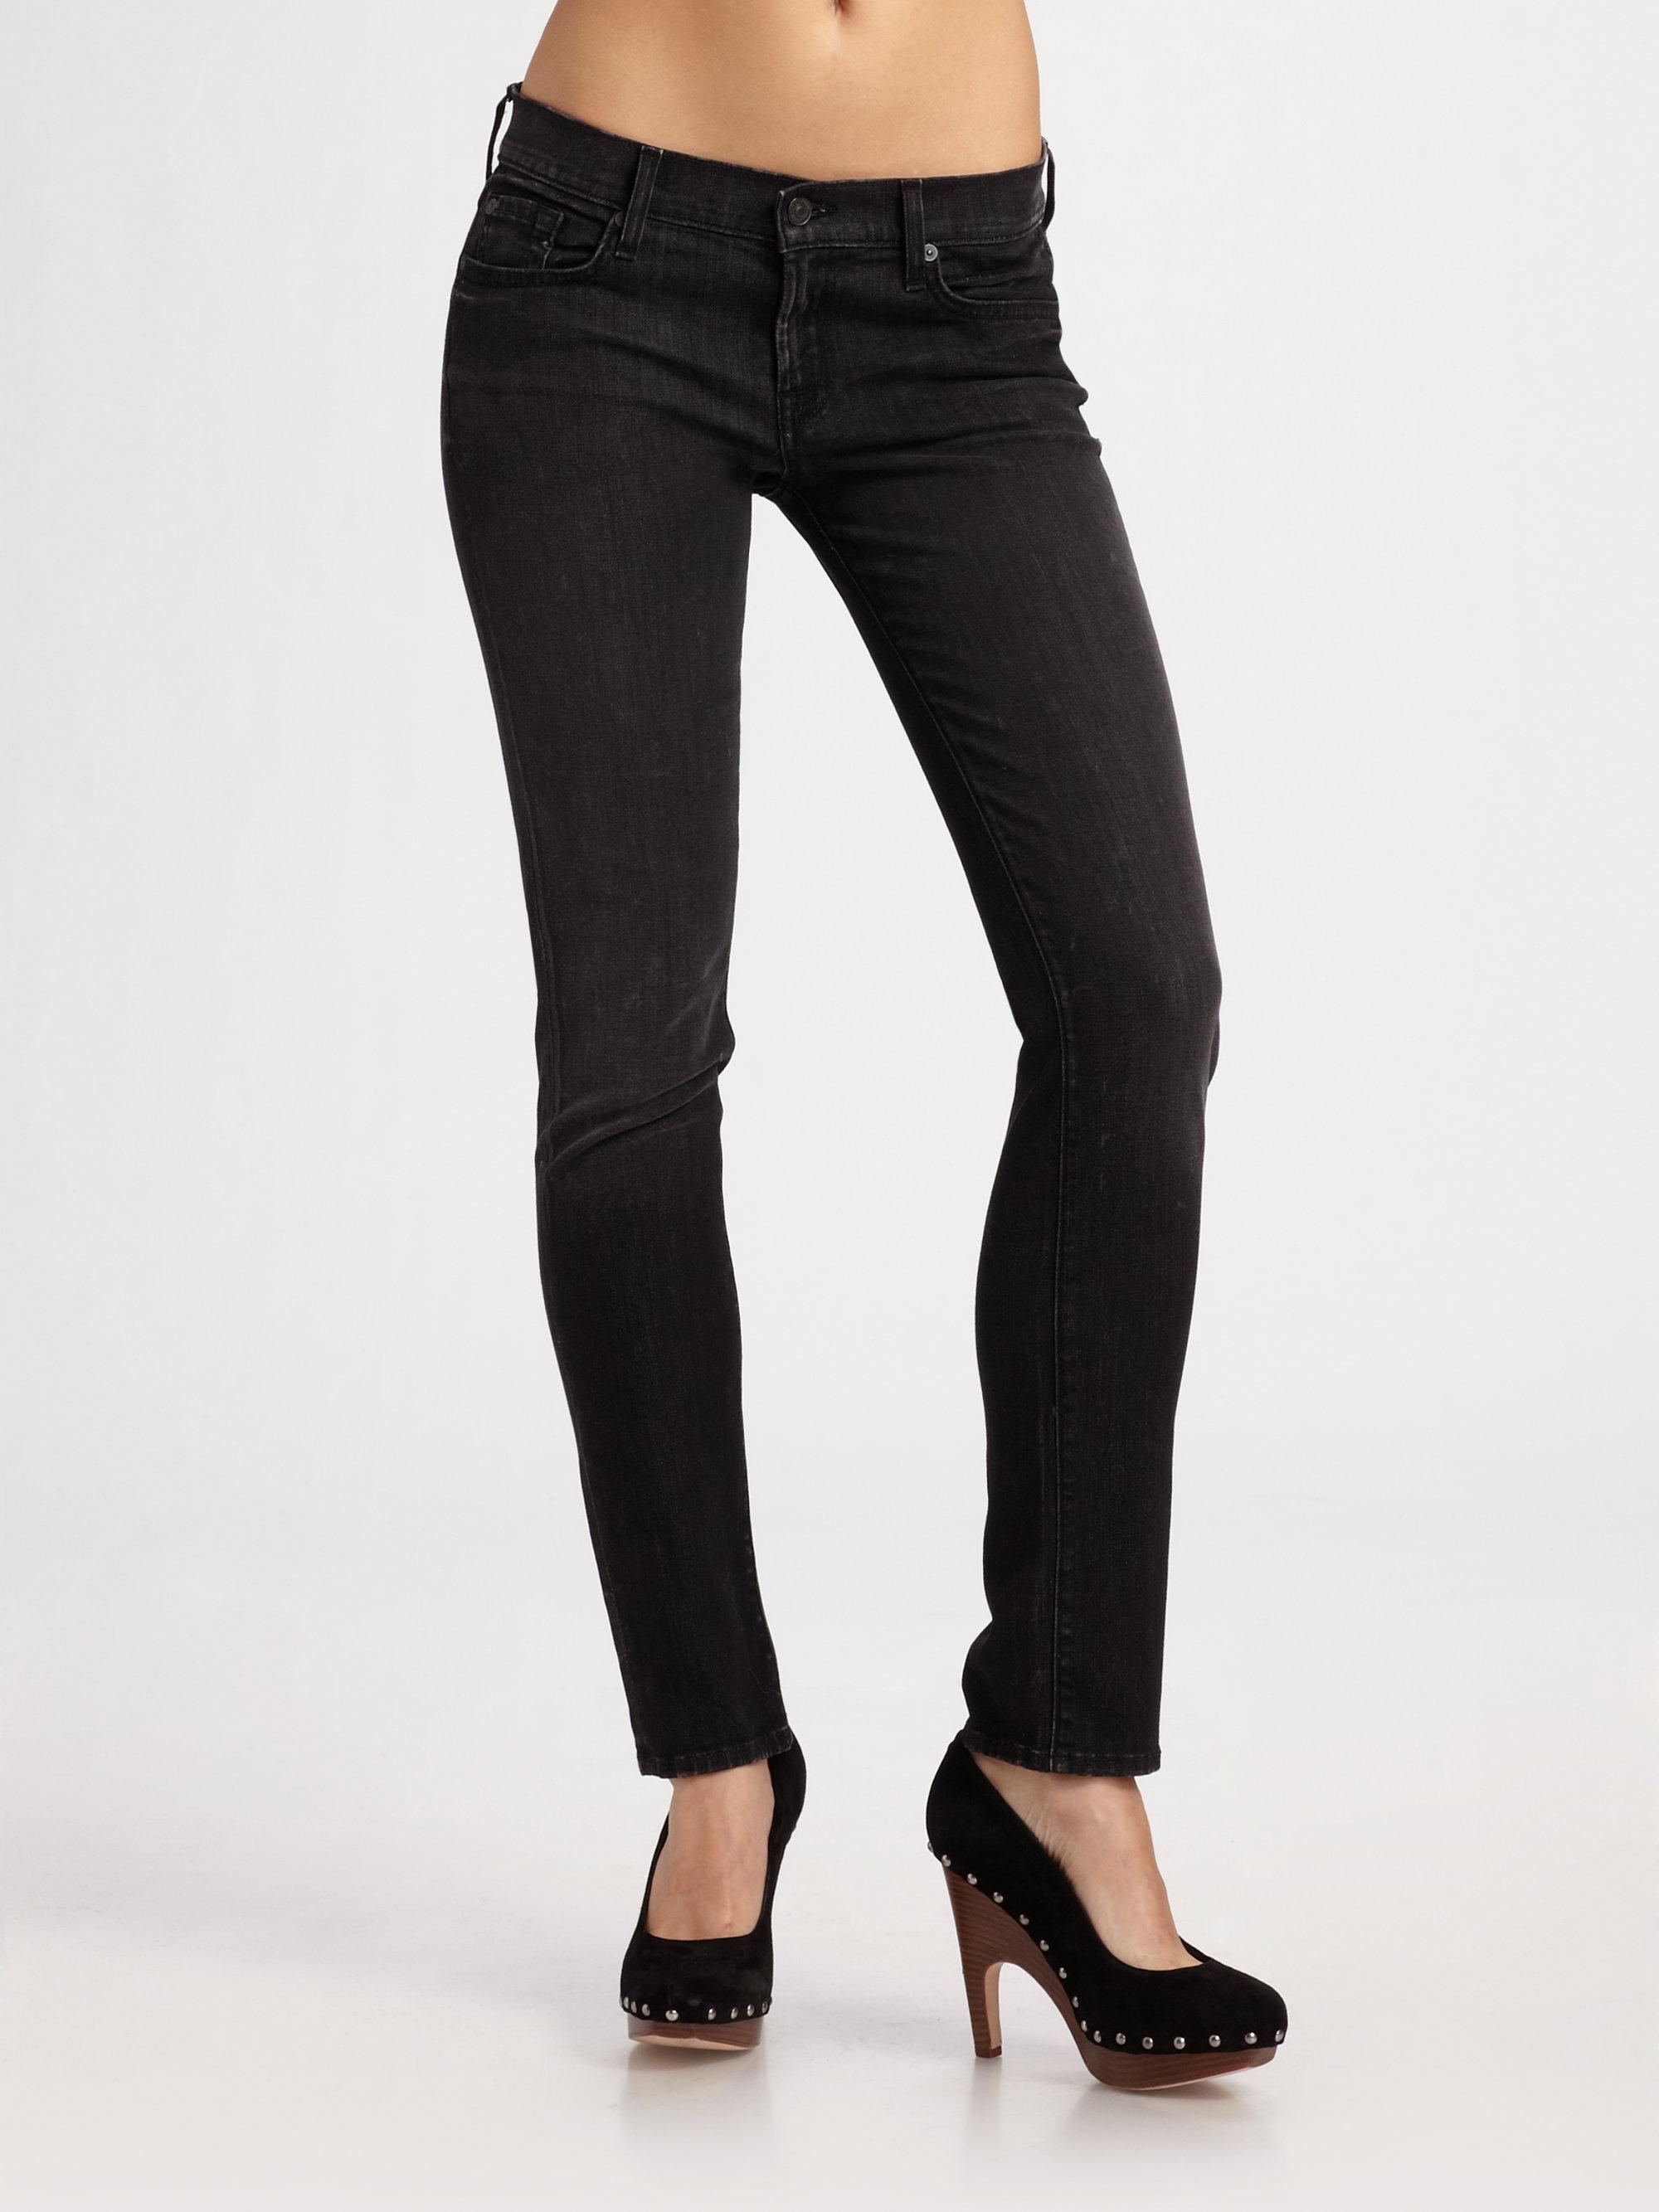 7 for all mankind roxanne skinny jeans in black black. Black Bedroom Furniture Sets. Home Design Ideas